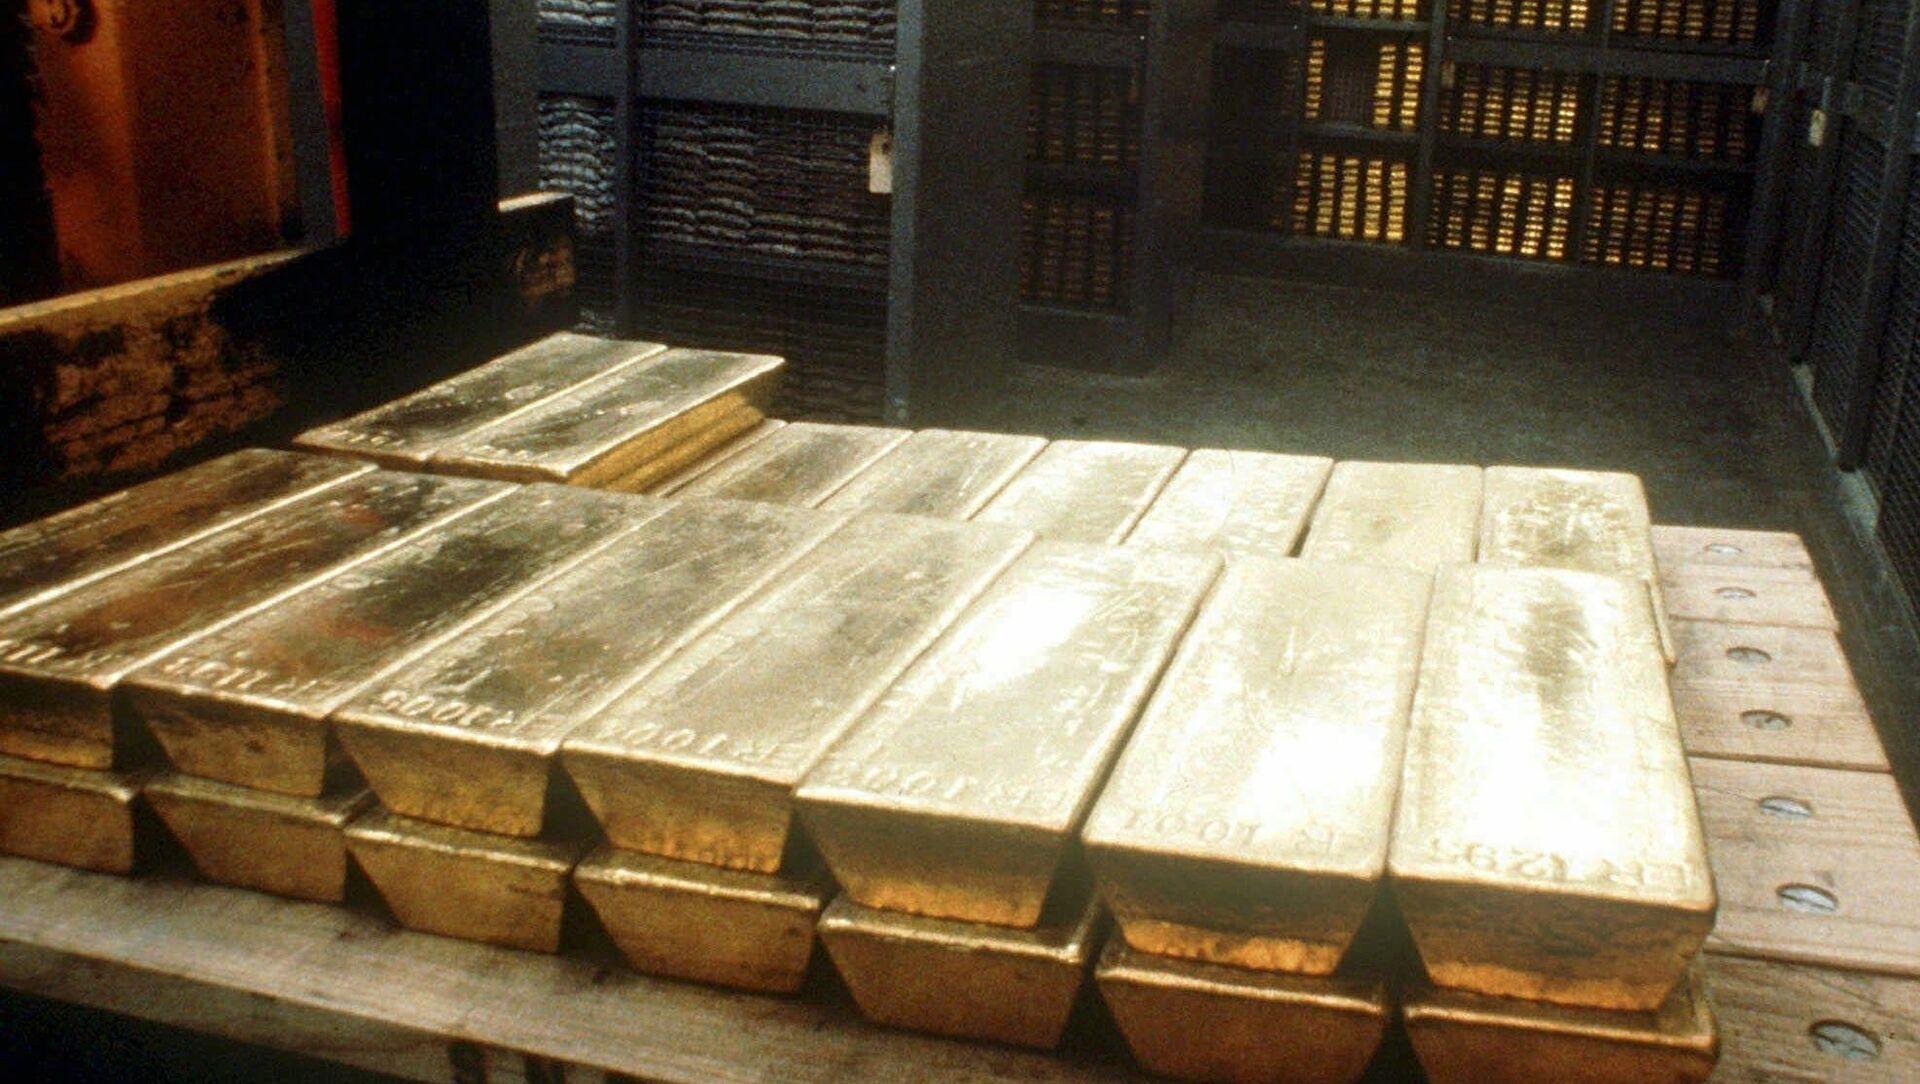 Venezuela, opposizione accusa governo di aver svenduto 1 miliardo di euro in lingotti d'oro al Mali - Sputnik Italia, 1920, 06.03.2021